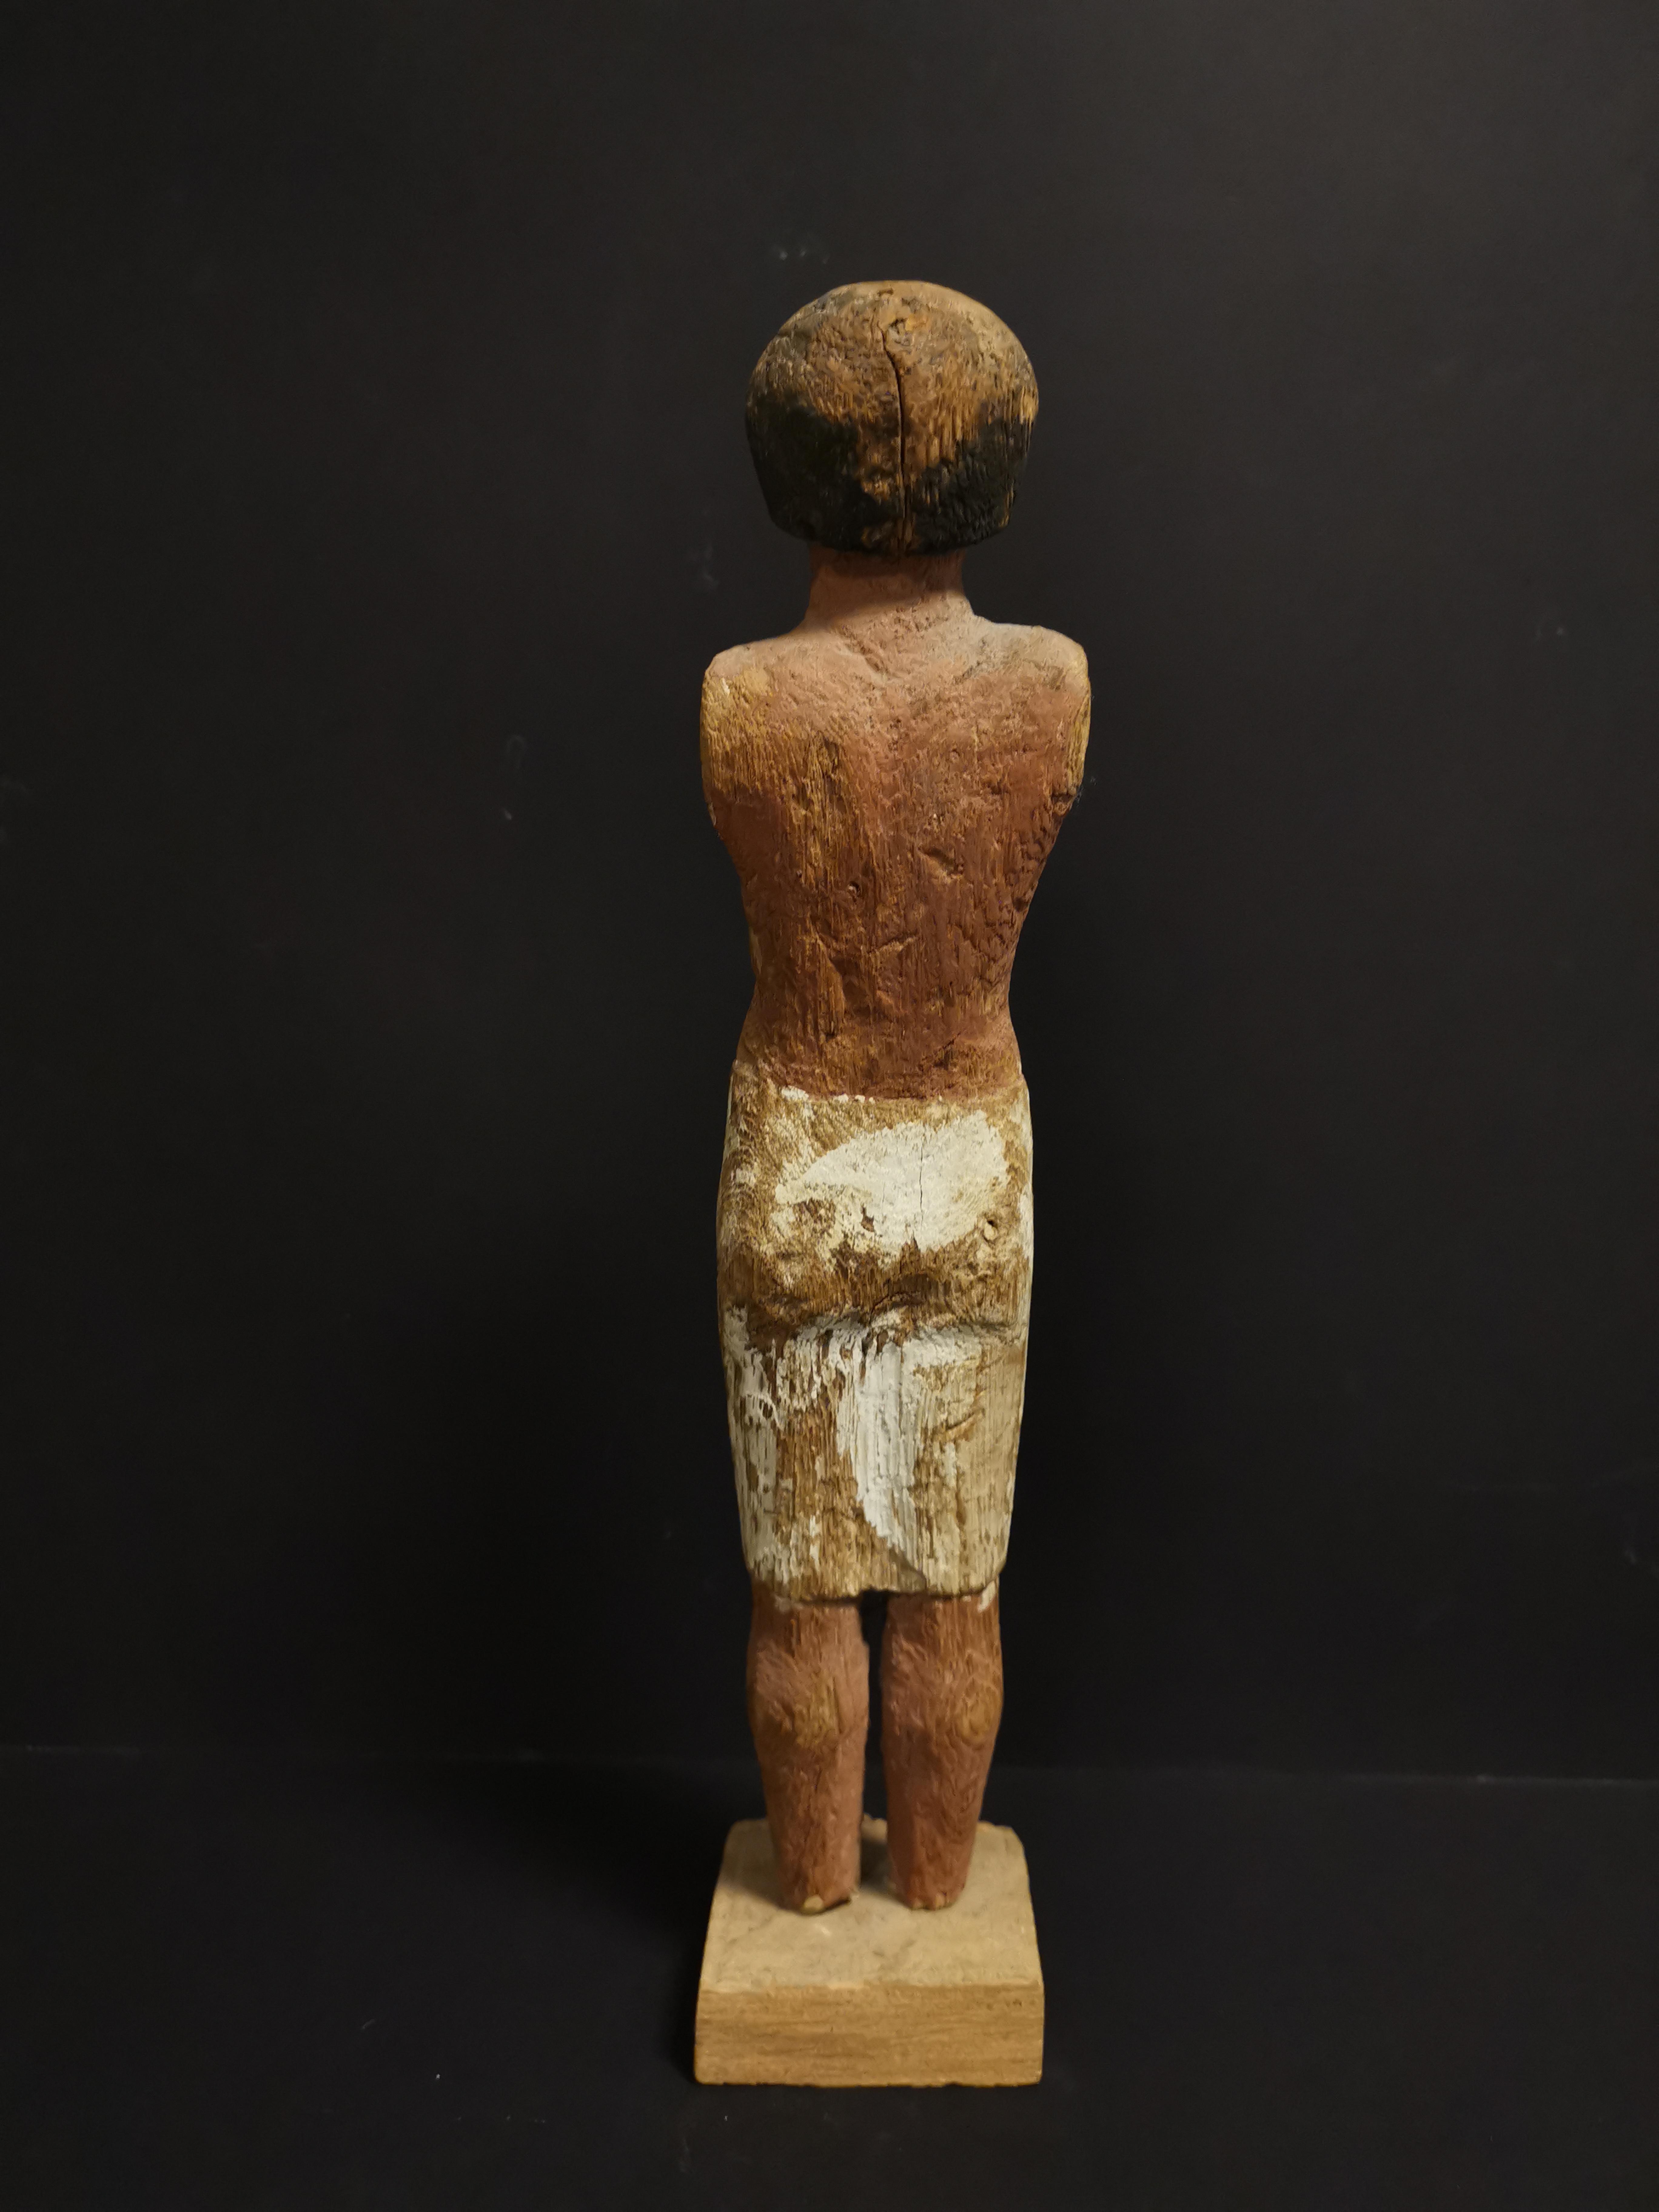 Statuette en ronde bosse représentant un homme debout vêtu d'un pagne. Les détails [...] - Image 2 of 4